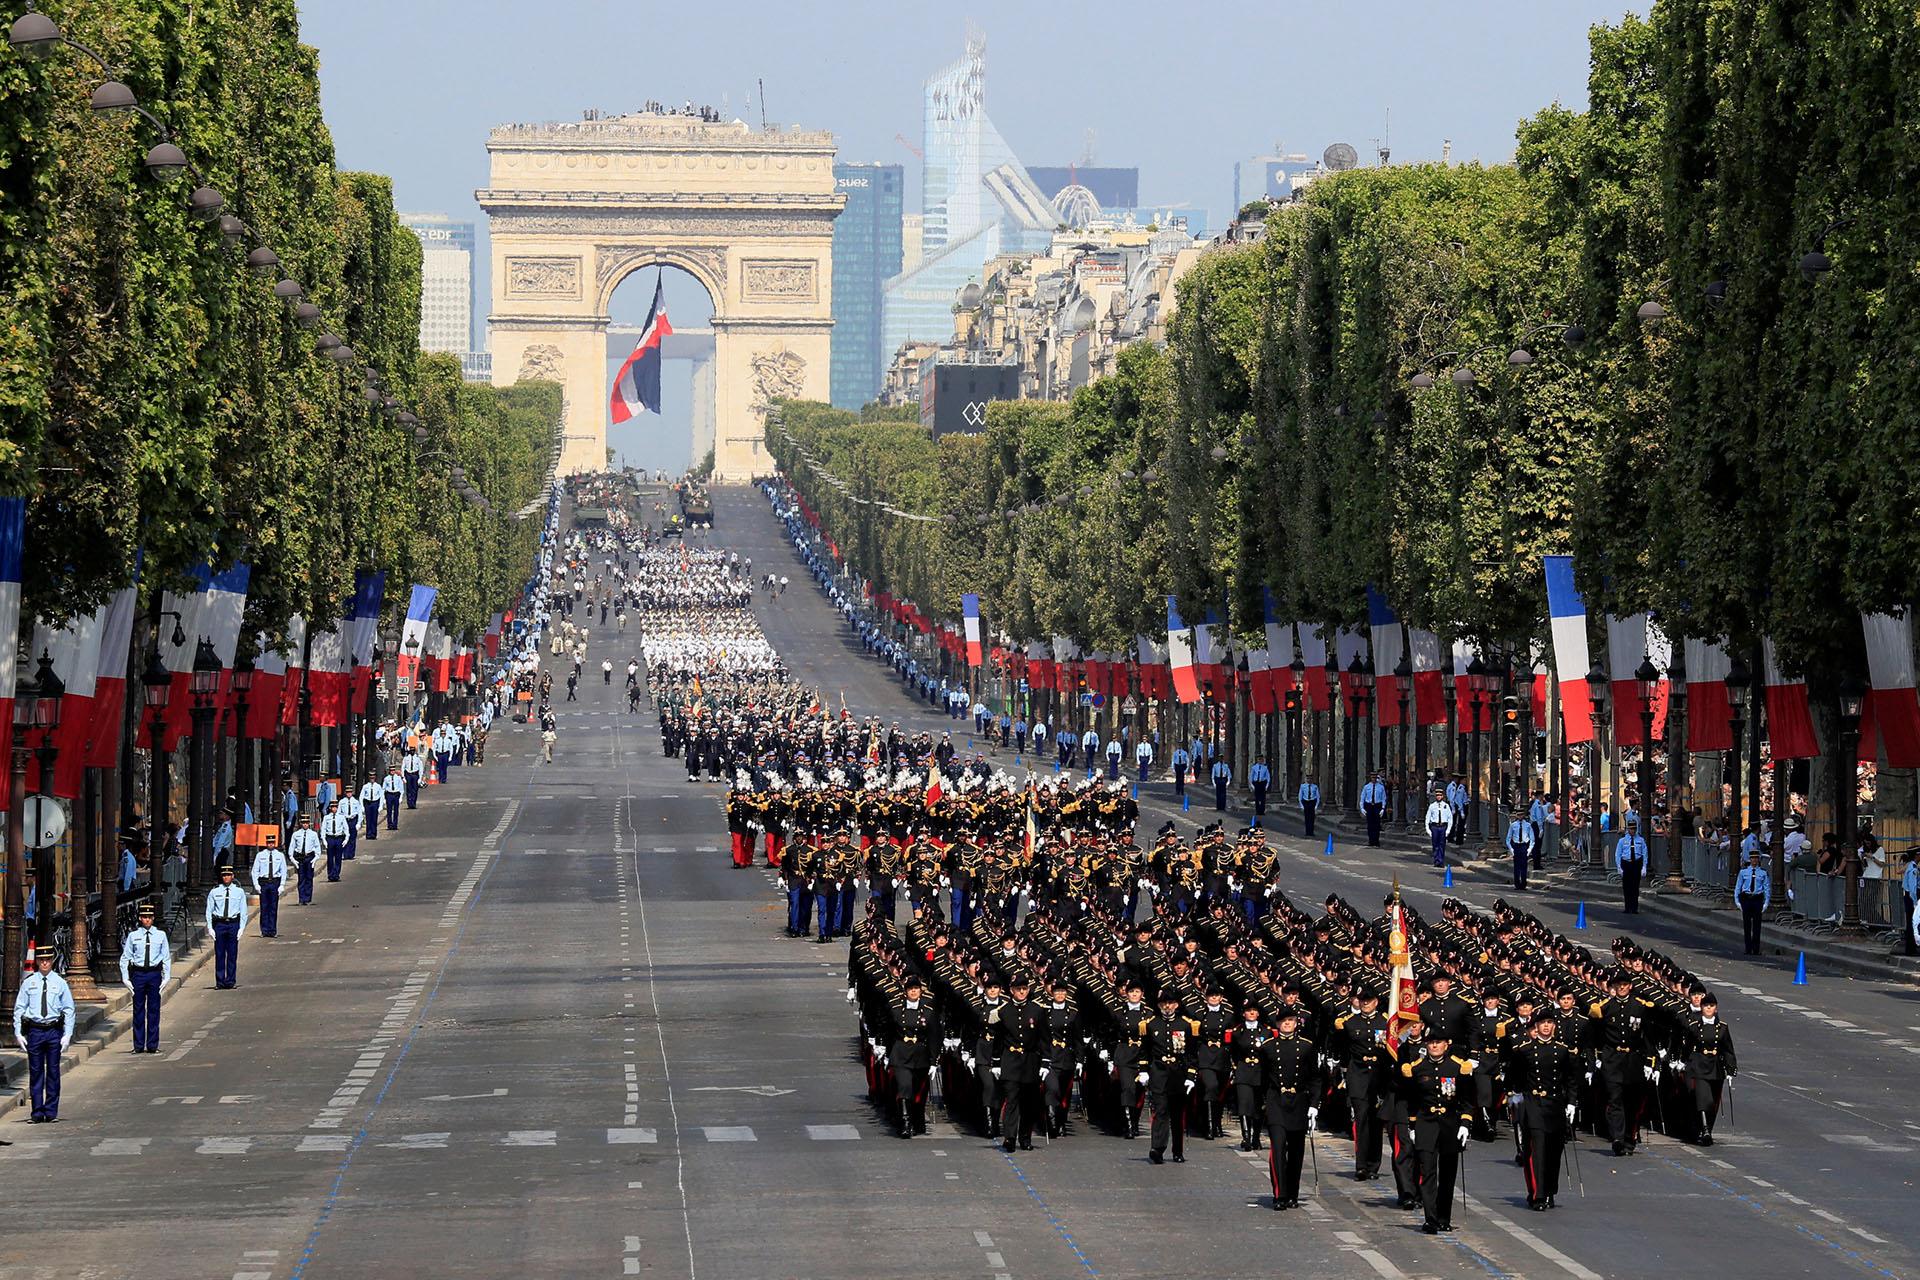 """La afición de los """"Bleues"""" también se coló en la marcha donde los estudiantes de la Politécnica, habituales en el desfile, aparecieron a primera hora tras una pancarta en la que se leía: """"Todos con el equipo de Francia"""""""